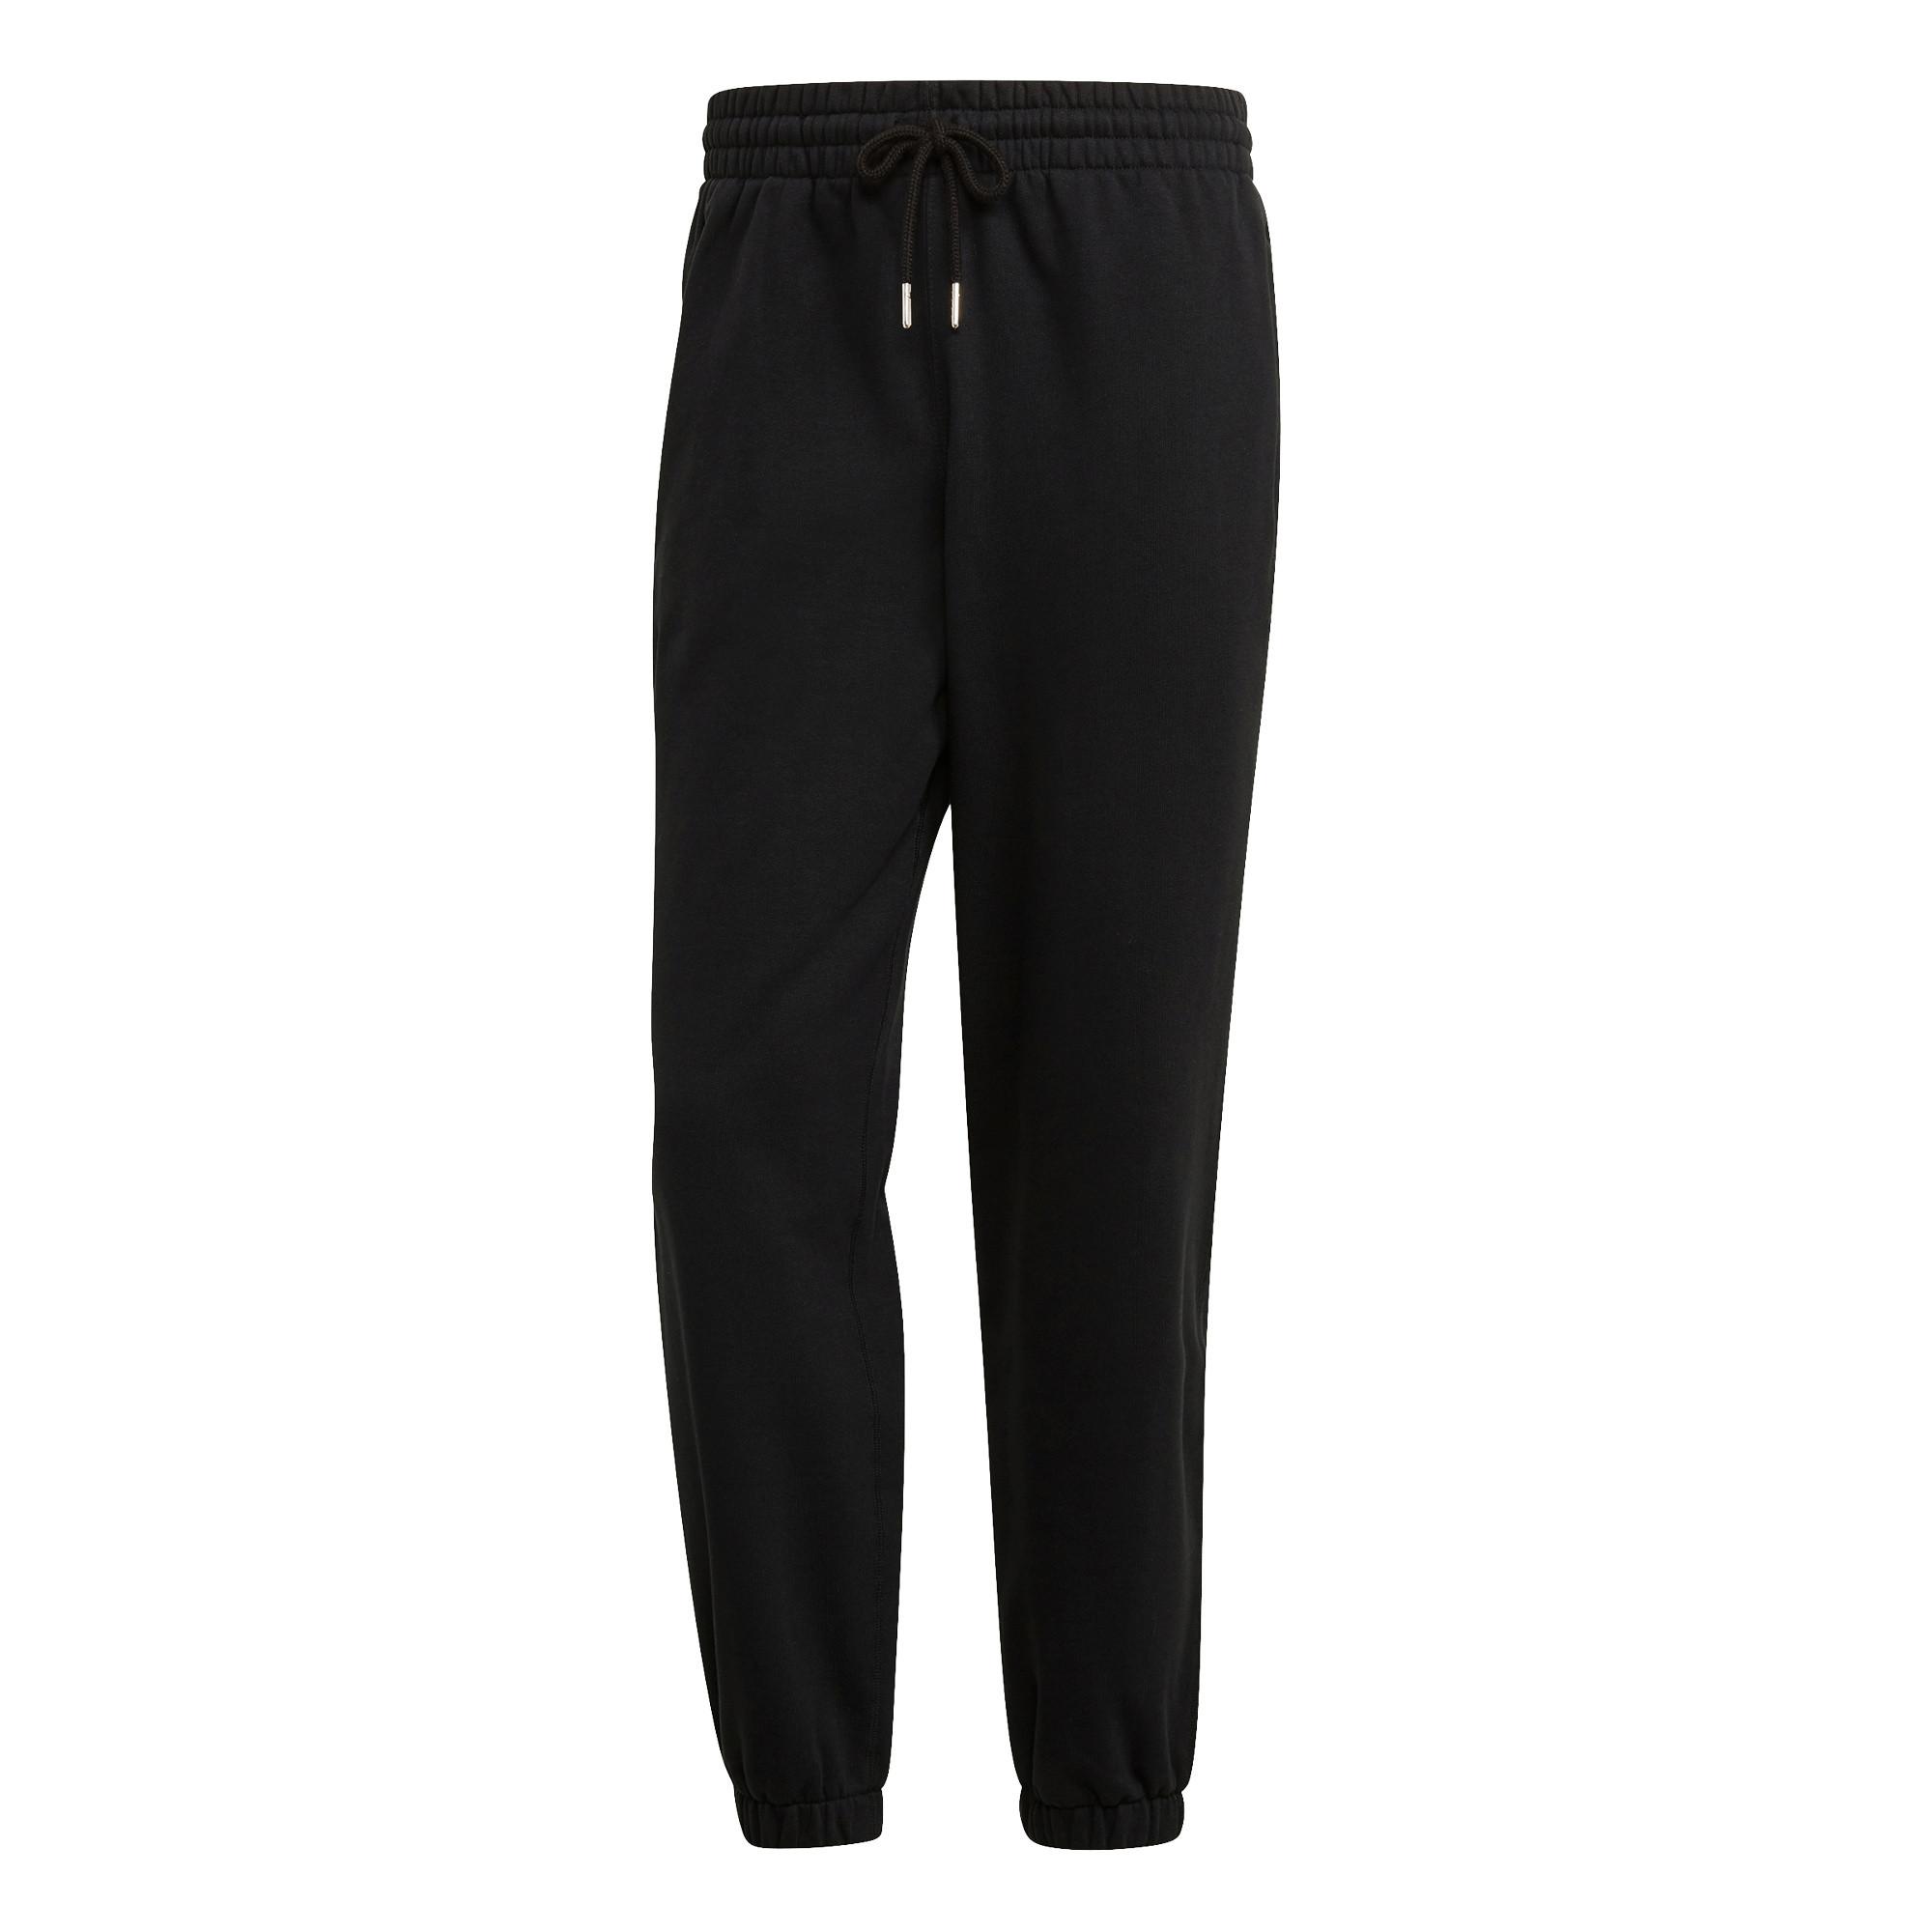 Pantaloni tuta adicolor Premium, Nero, large image number 0